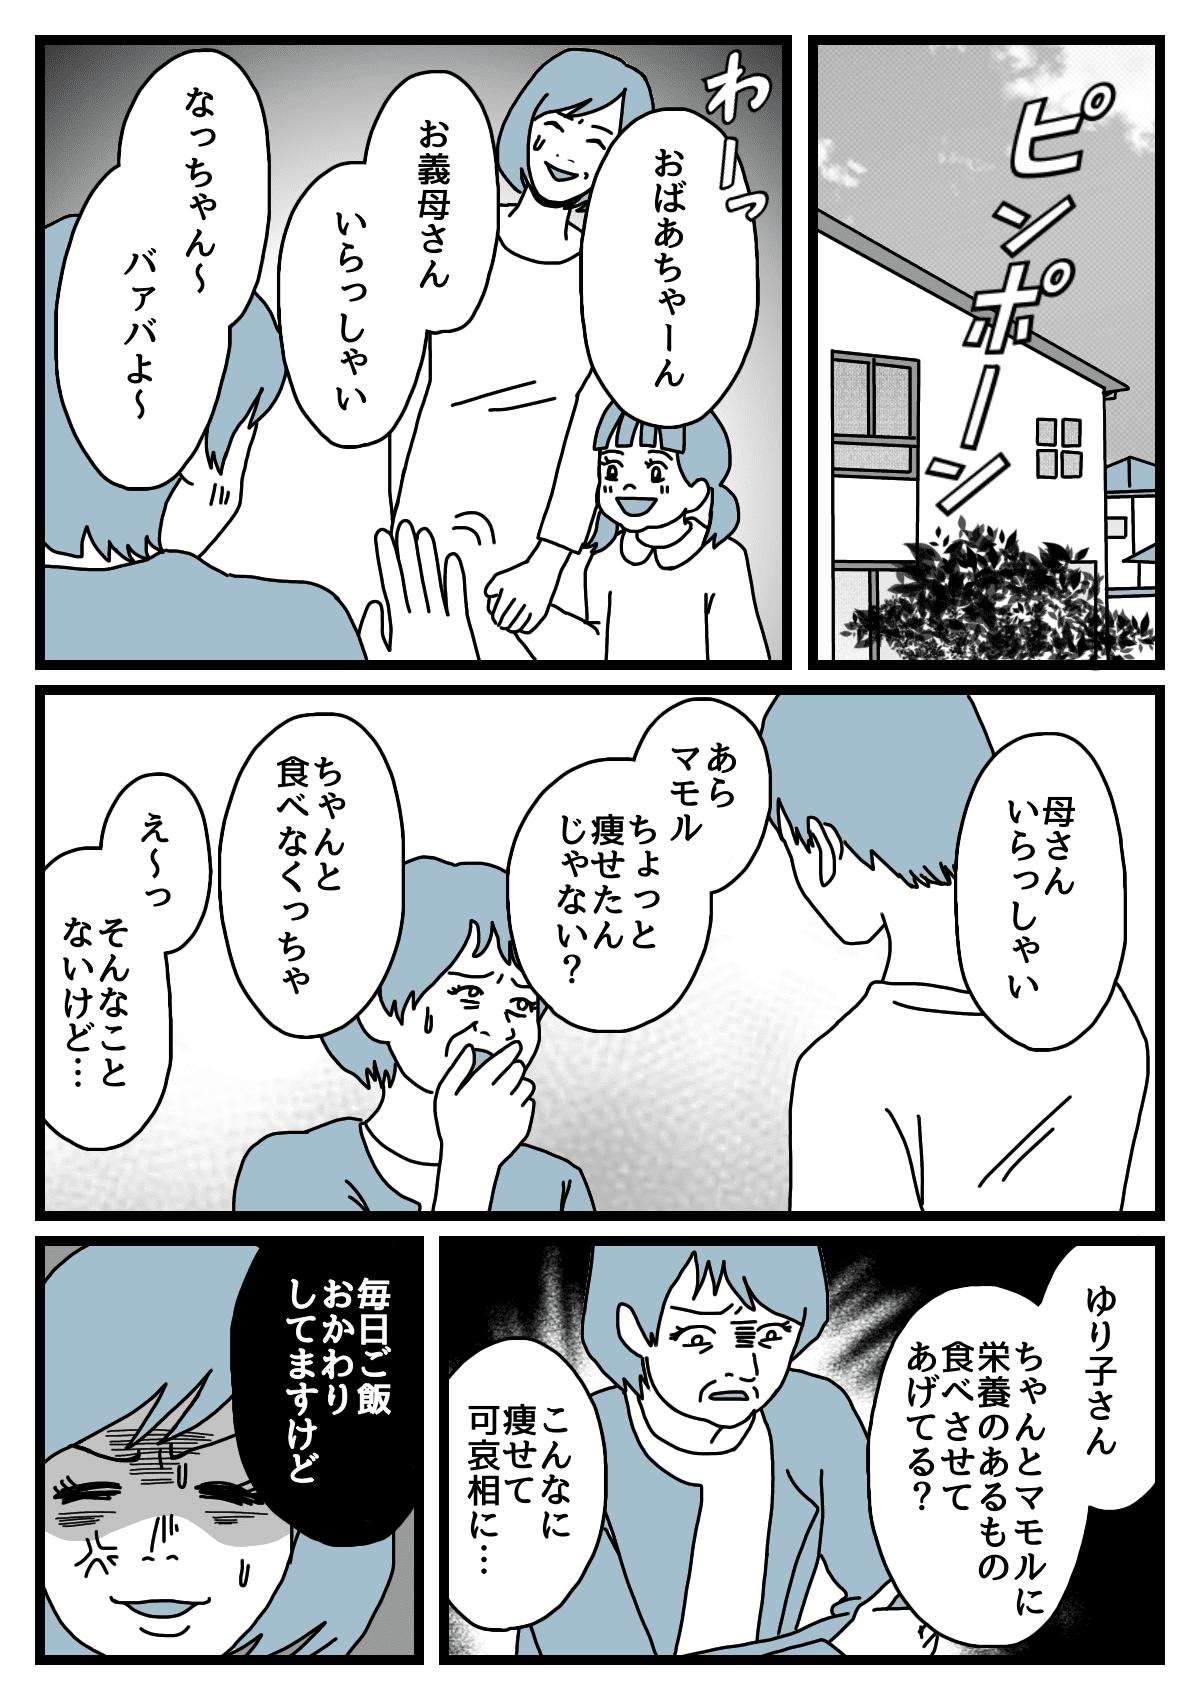 【前編】嫌がらせ1